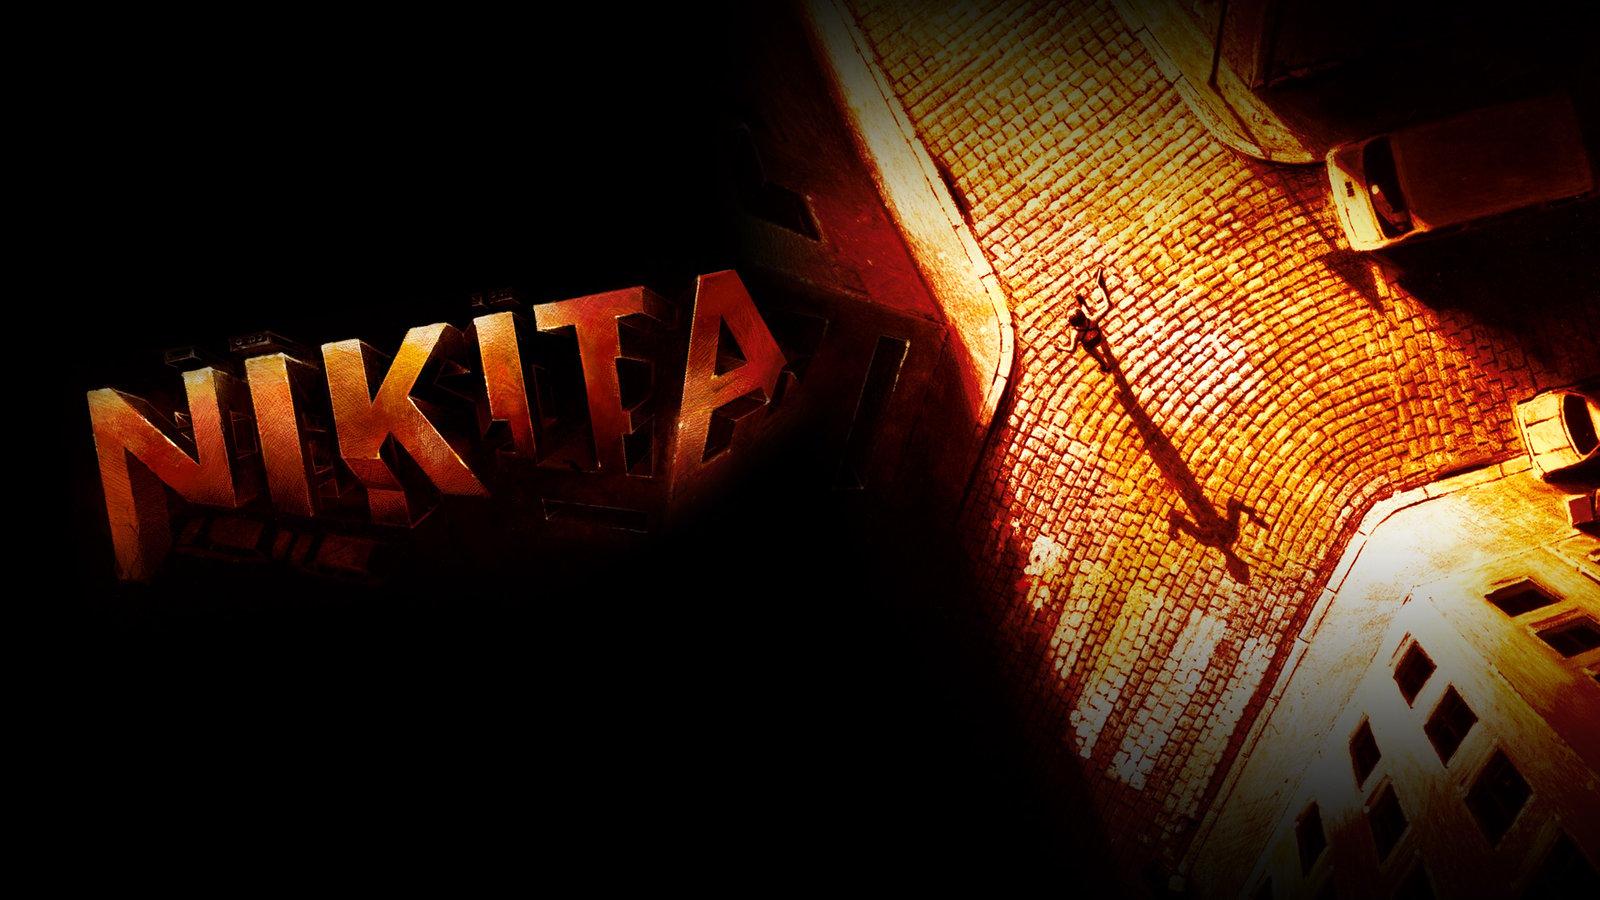 Nikita - La Femme Nikita